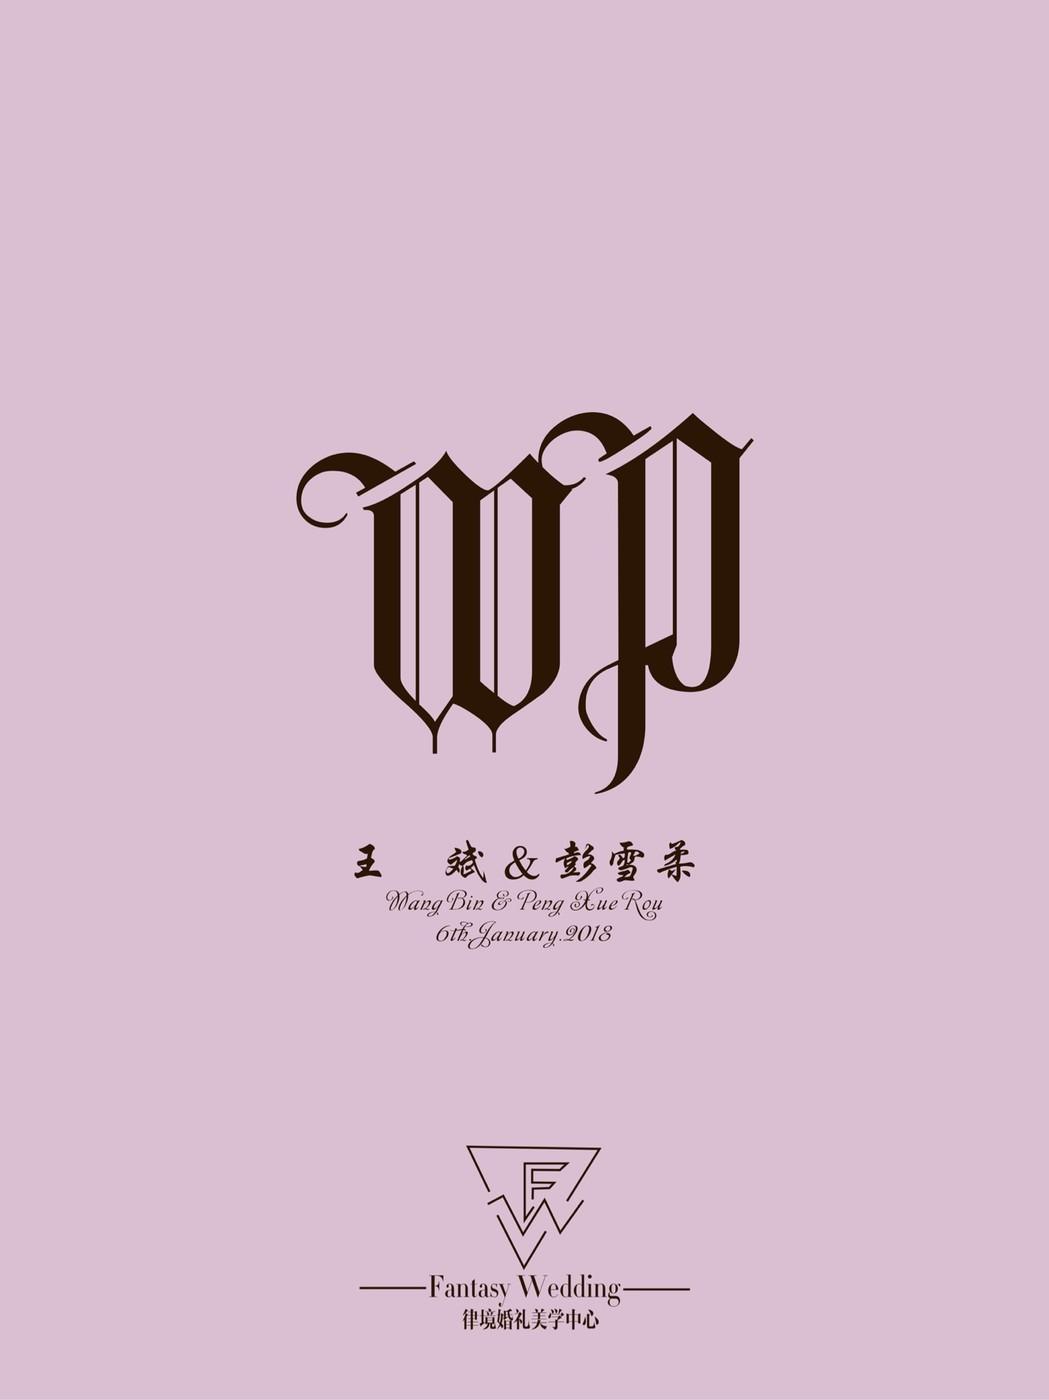 「Fantasy Wedding」&滨湖世纪金源酒店11